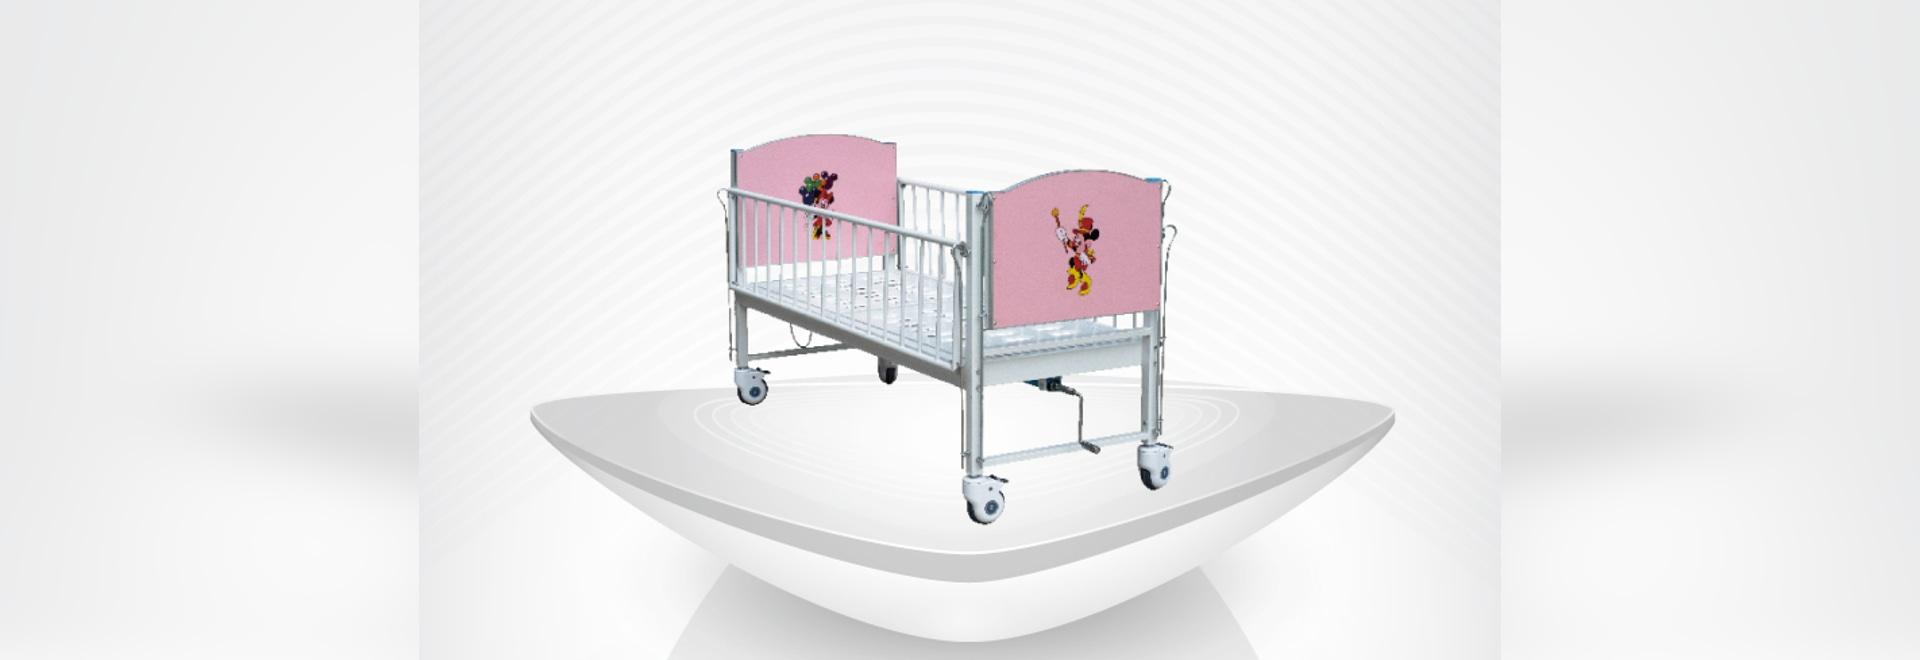 2016 nouveaux lits pédiatriques/bébé/lit d'hôpital/enfants/se protègent bien